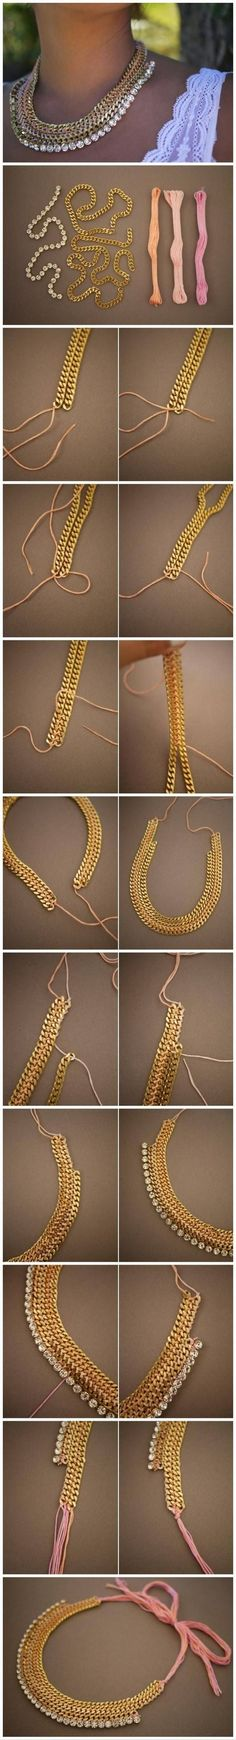 DIY Classy Necklace